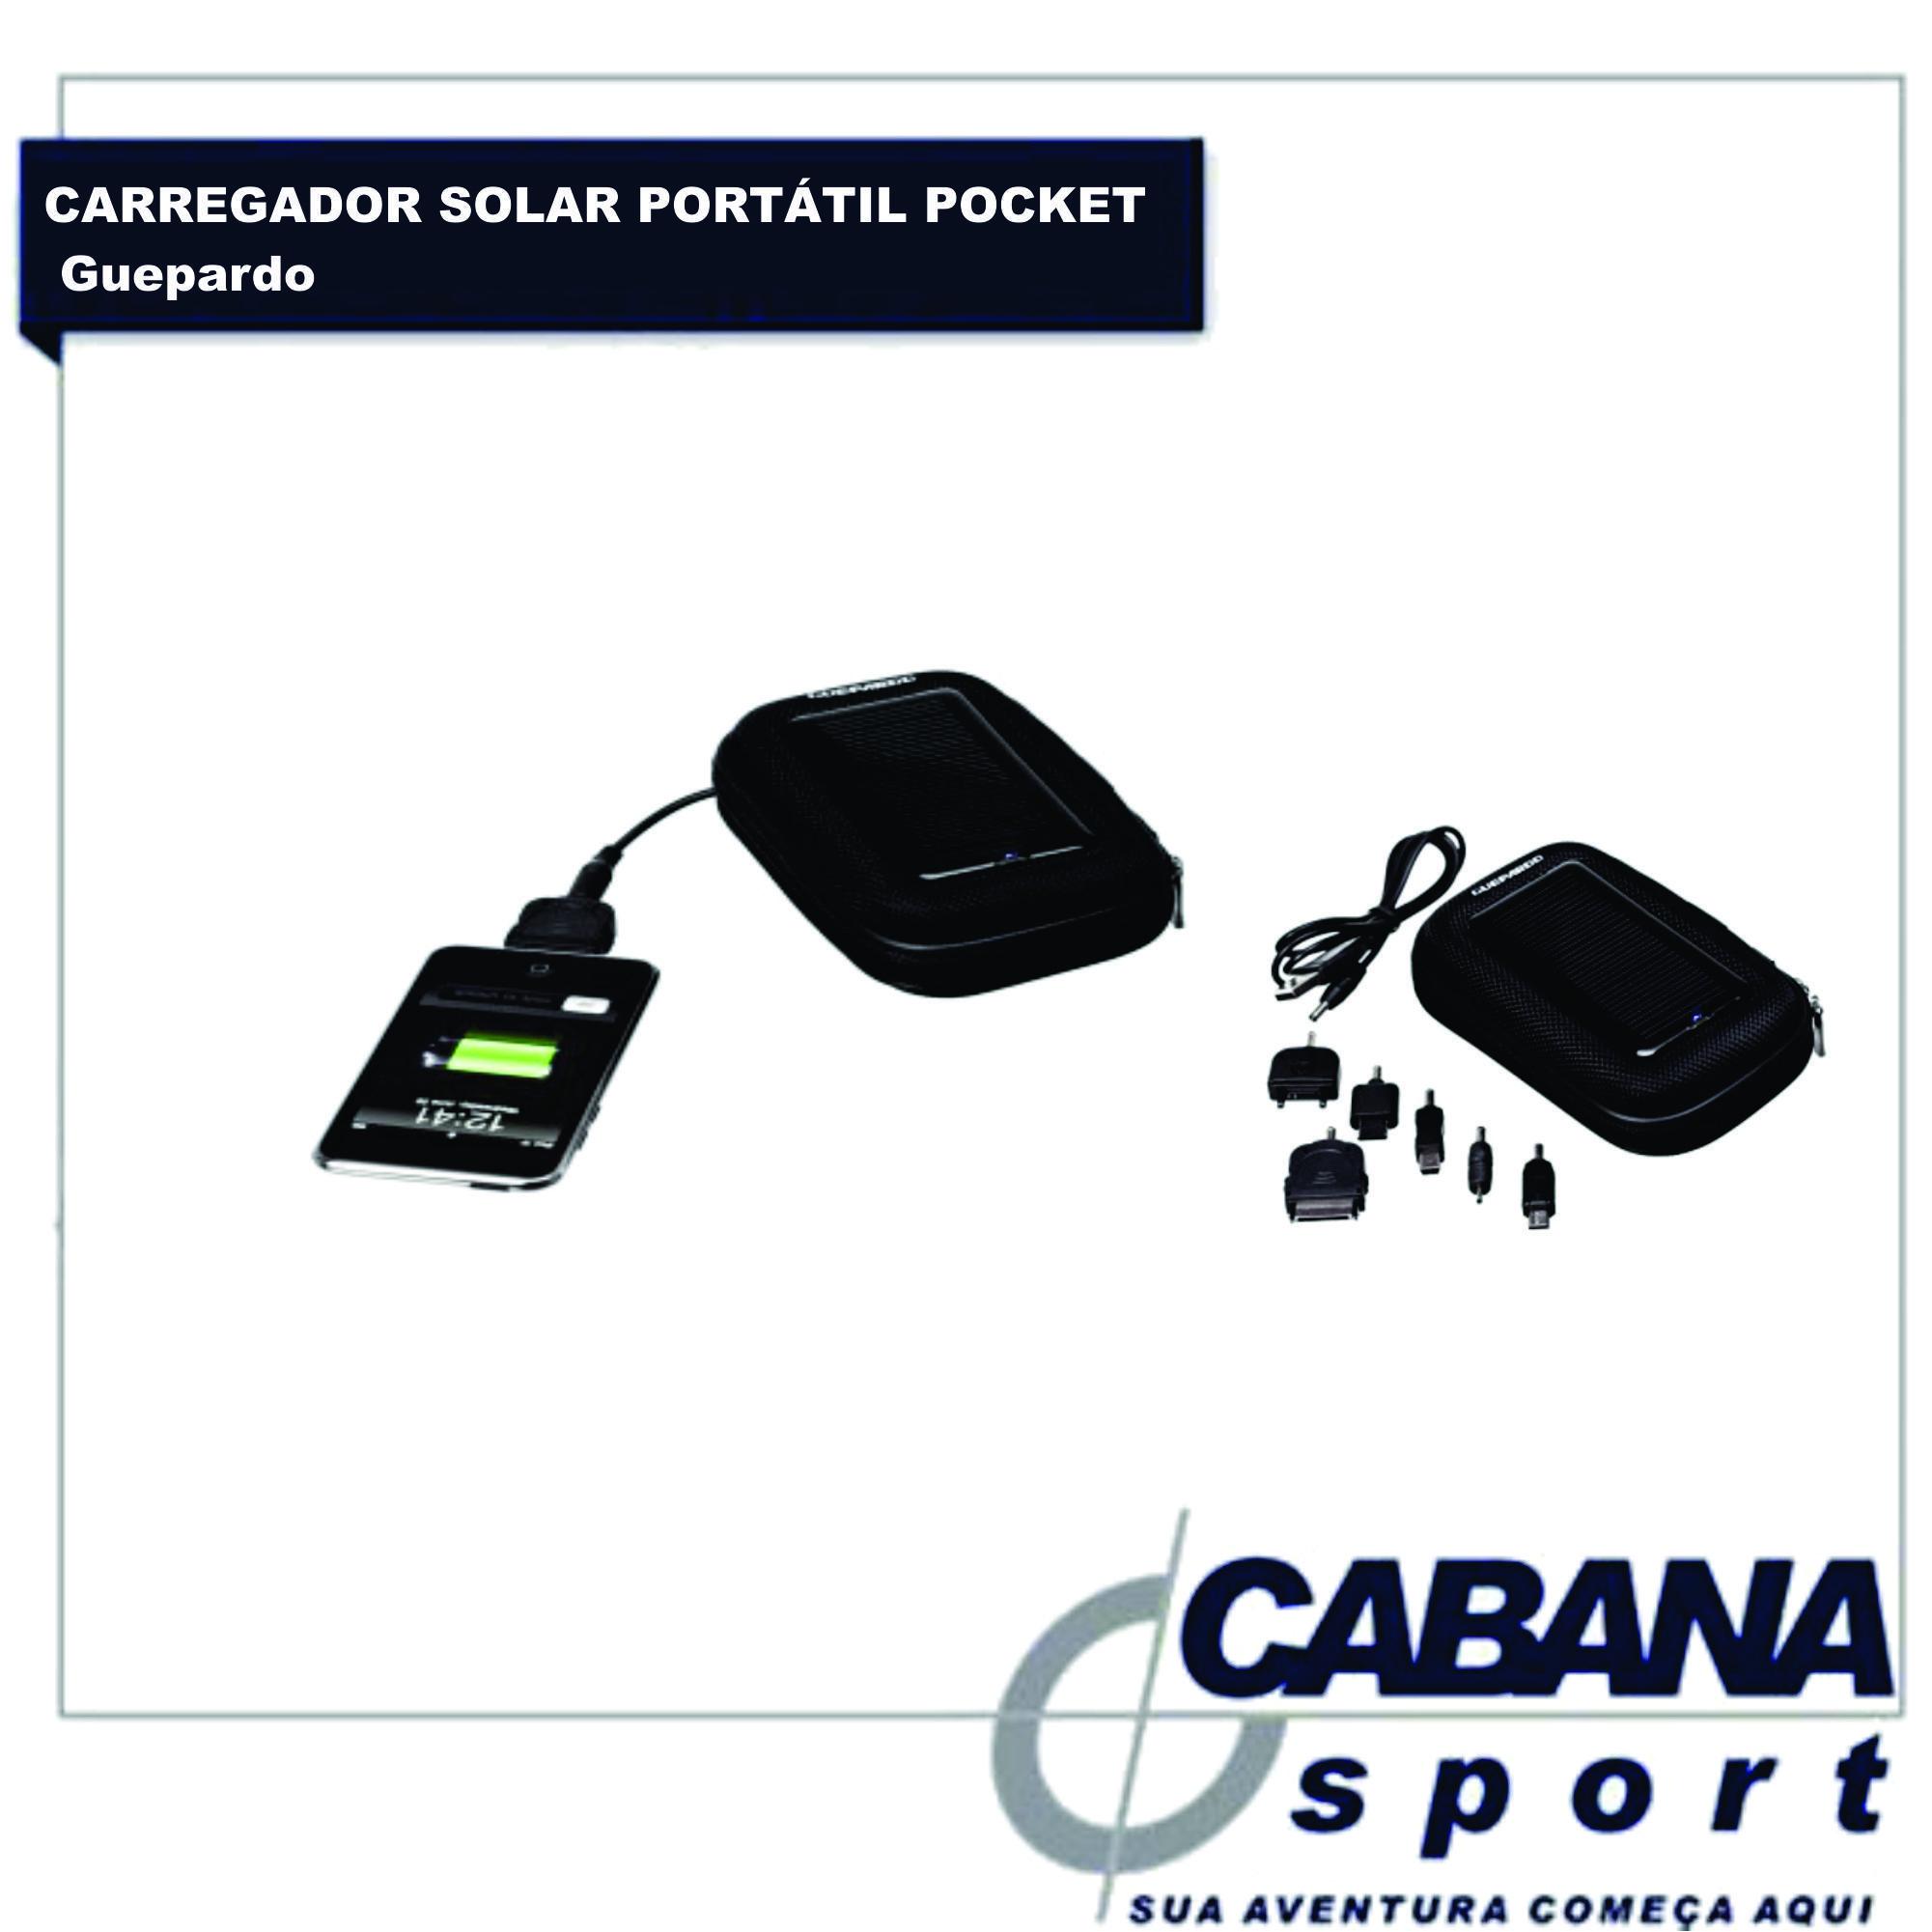 Na Cabana Sport, temos disponivel o carregador solar portátil Pocket da guepardo, prático e compacto, serve como estojo para trasporte de celulares. Os conectores inclusos são : Nokia, Iphone/Ipad/Ipod, Samsung, Motorola, LG e USB. Confira http://goo.gl/EKOSOE